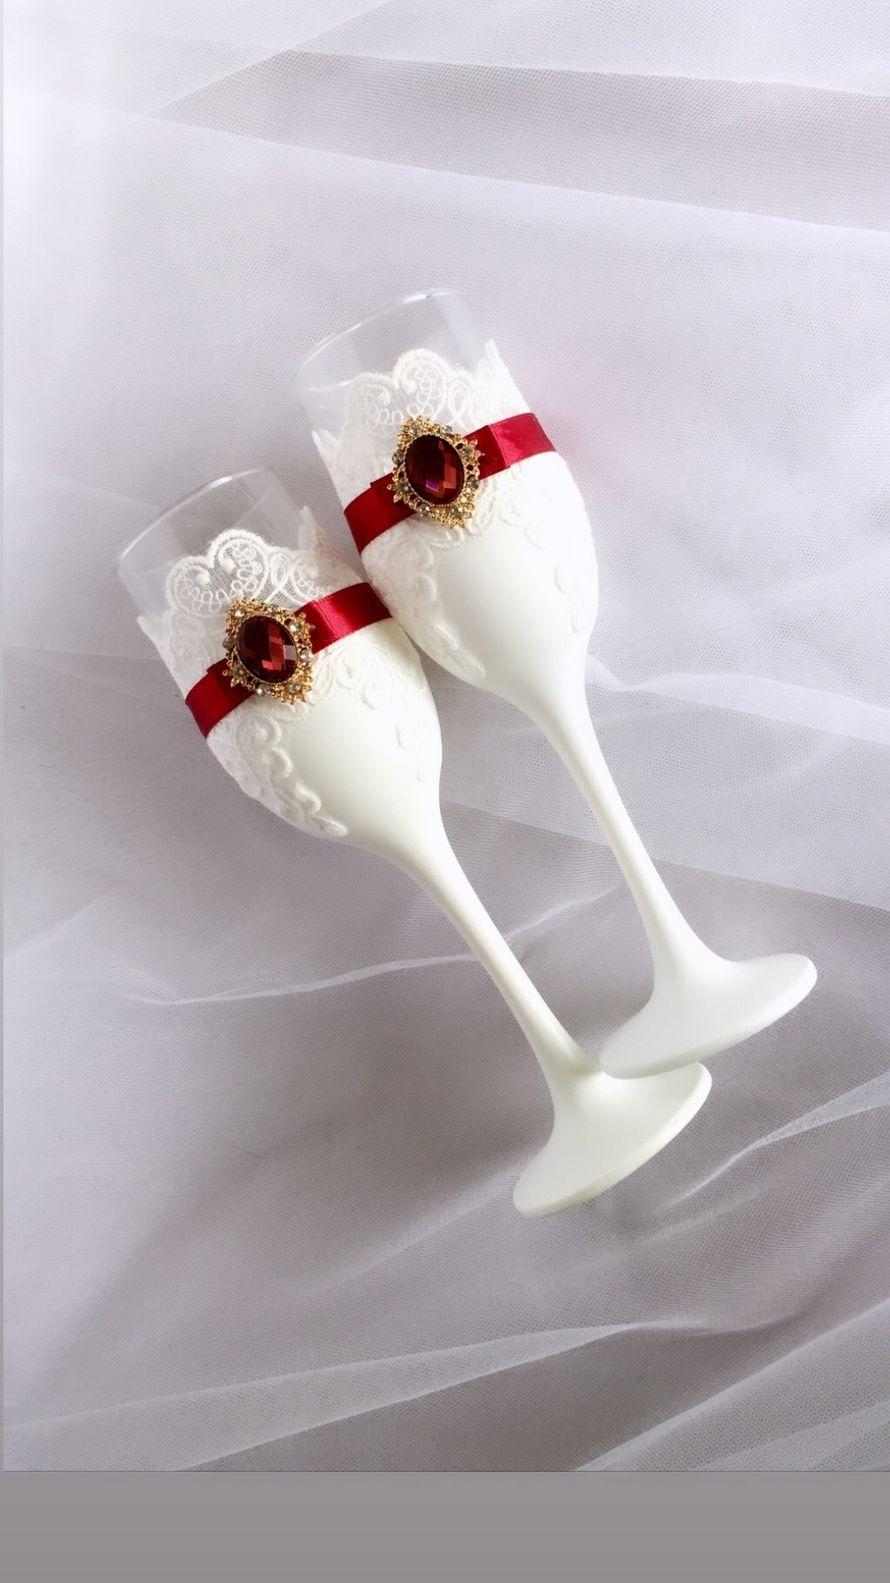 Фото 19143810 в коллекции 2019 - Wedding accessories - мастерская аксессуаров